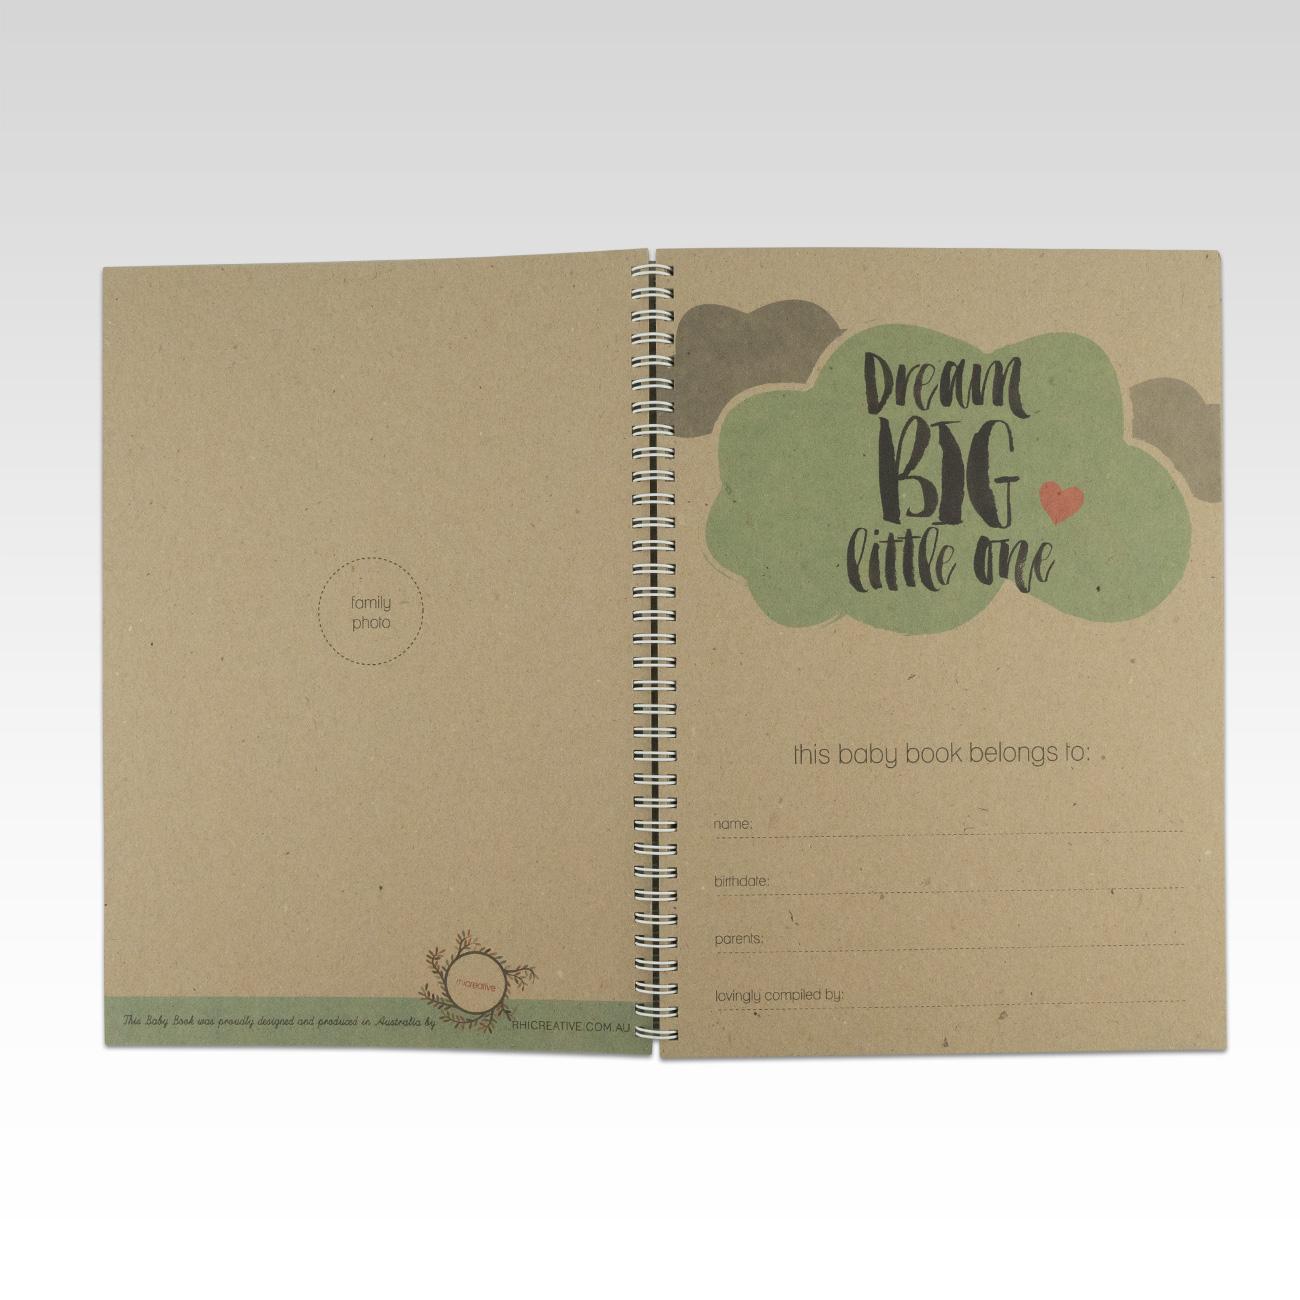 Rhicreative Grandchild Memory Record Book Keepsake Baby Child Gift Keepsakes, Memory Books Baby